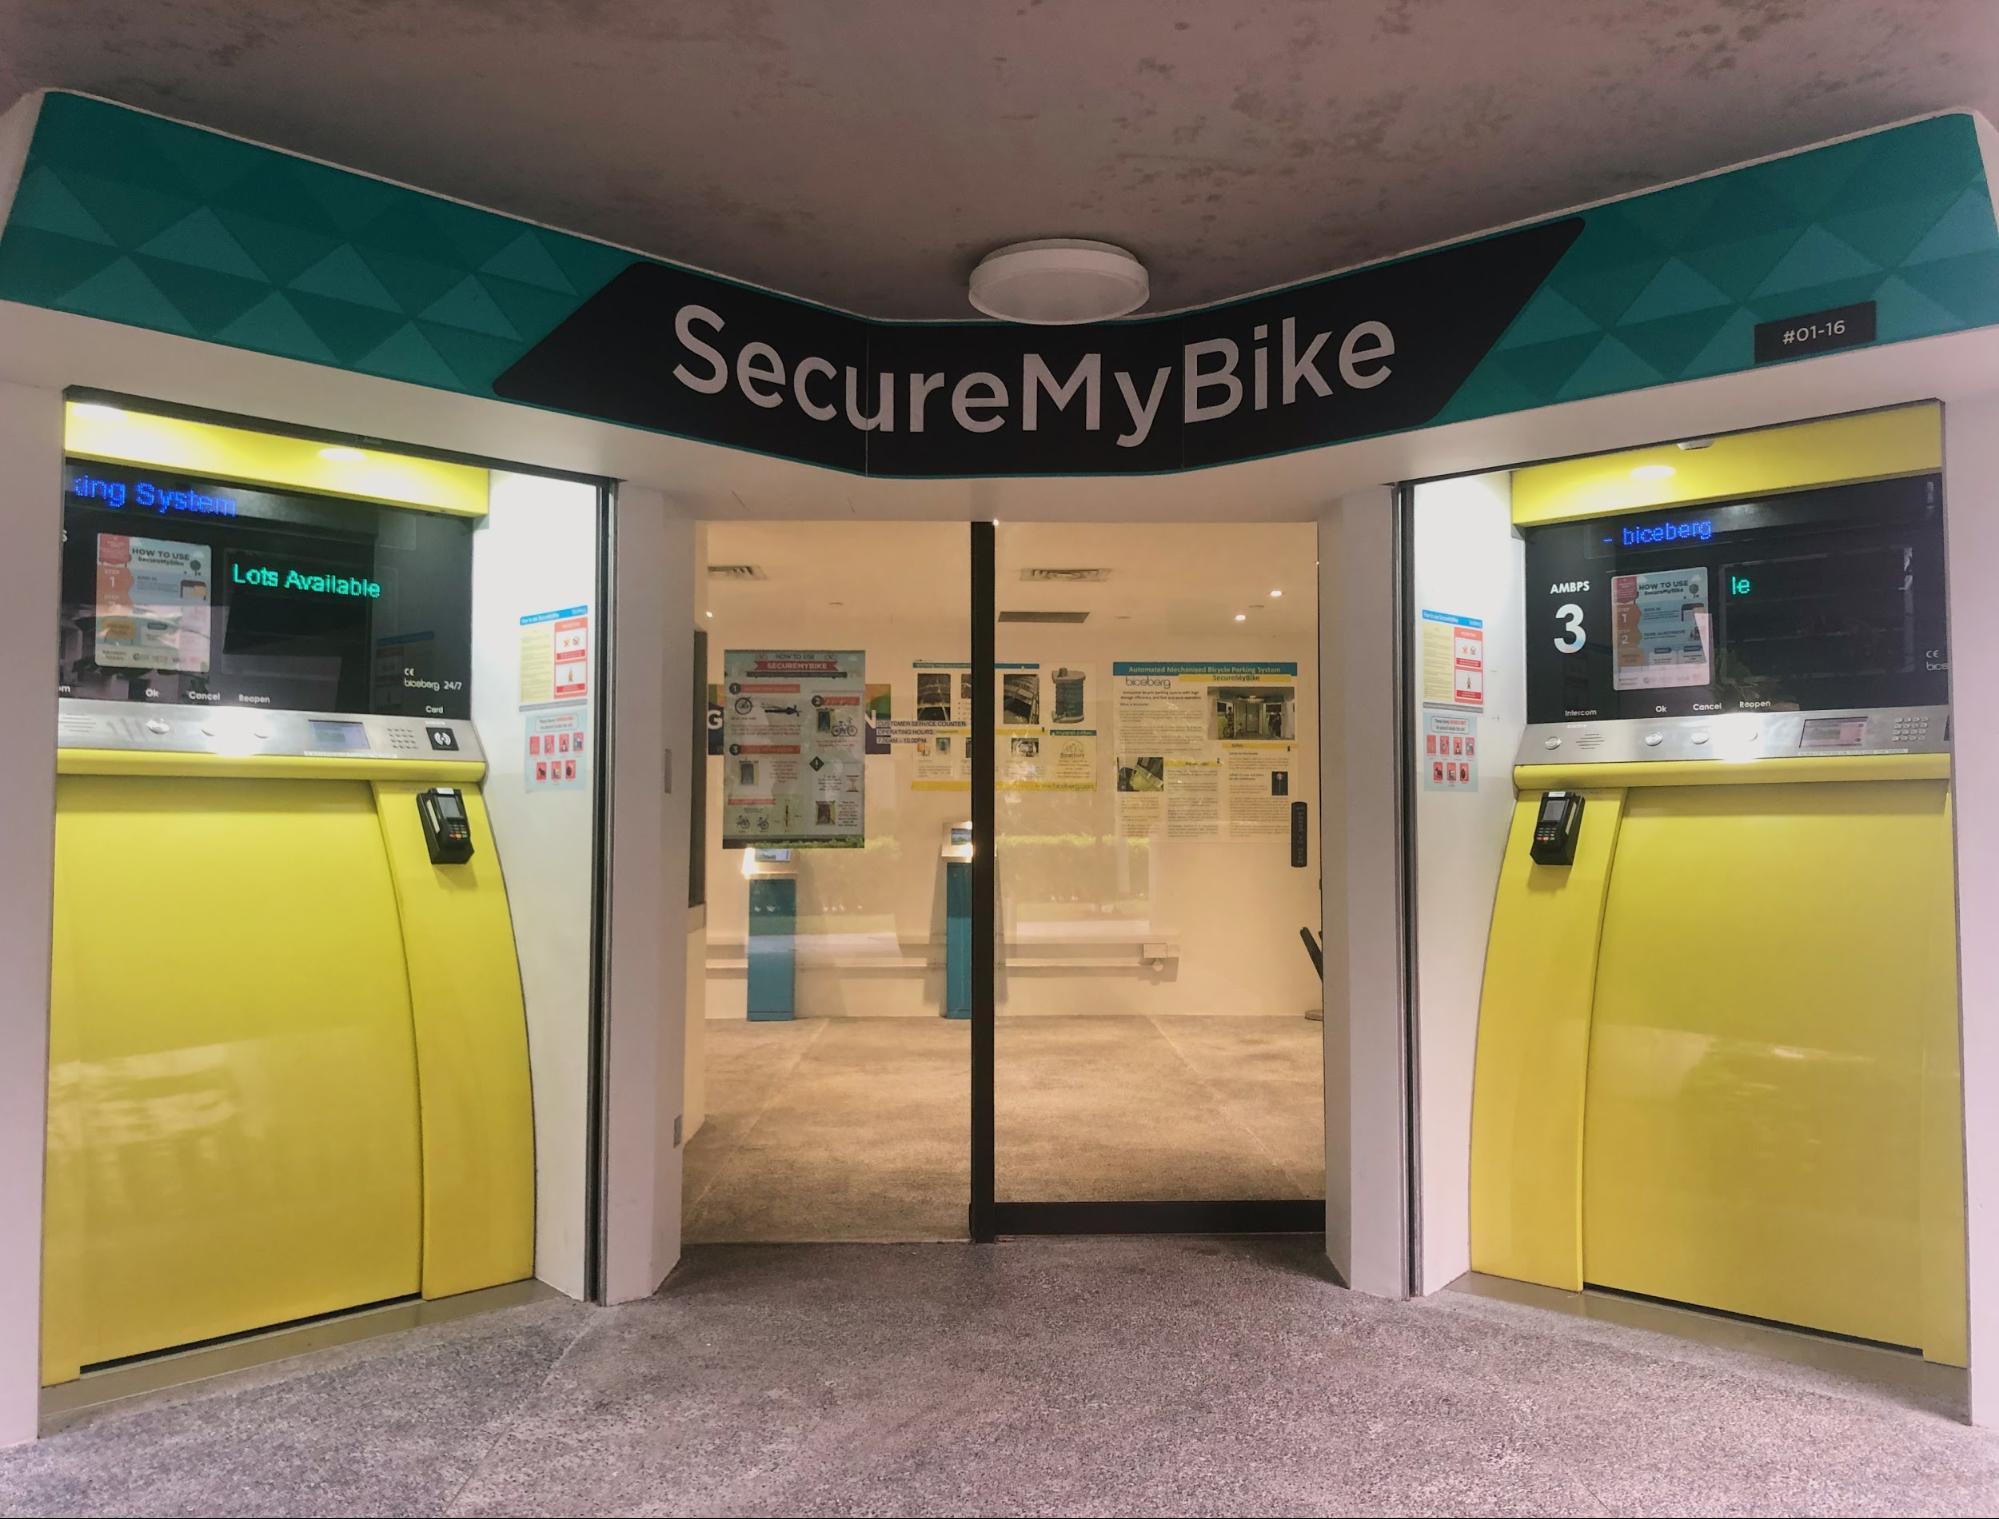 Securemybike